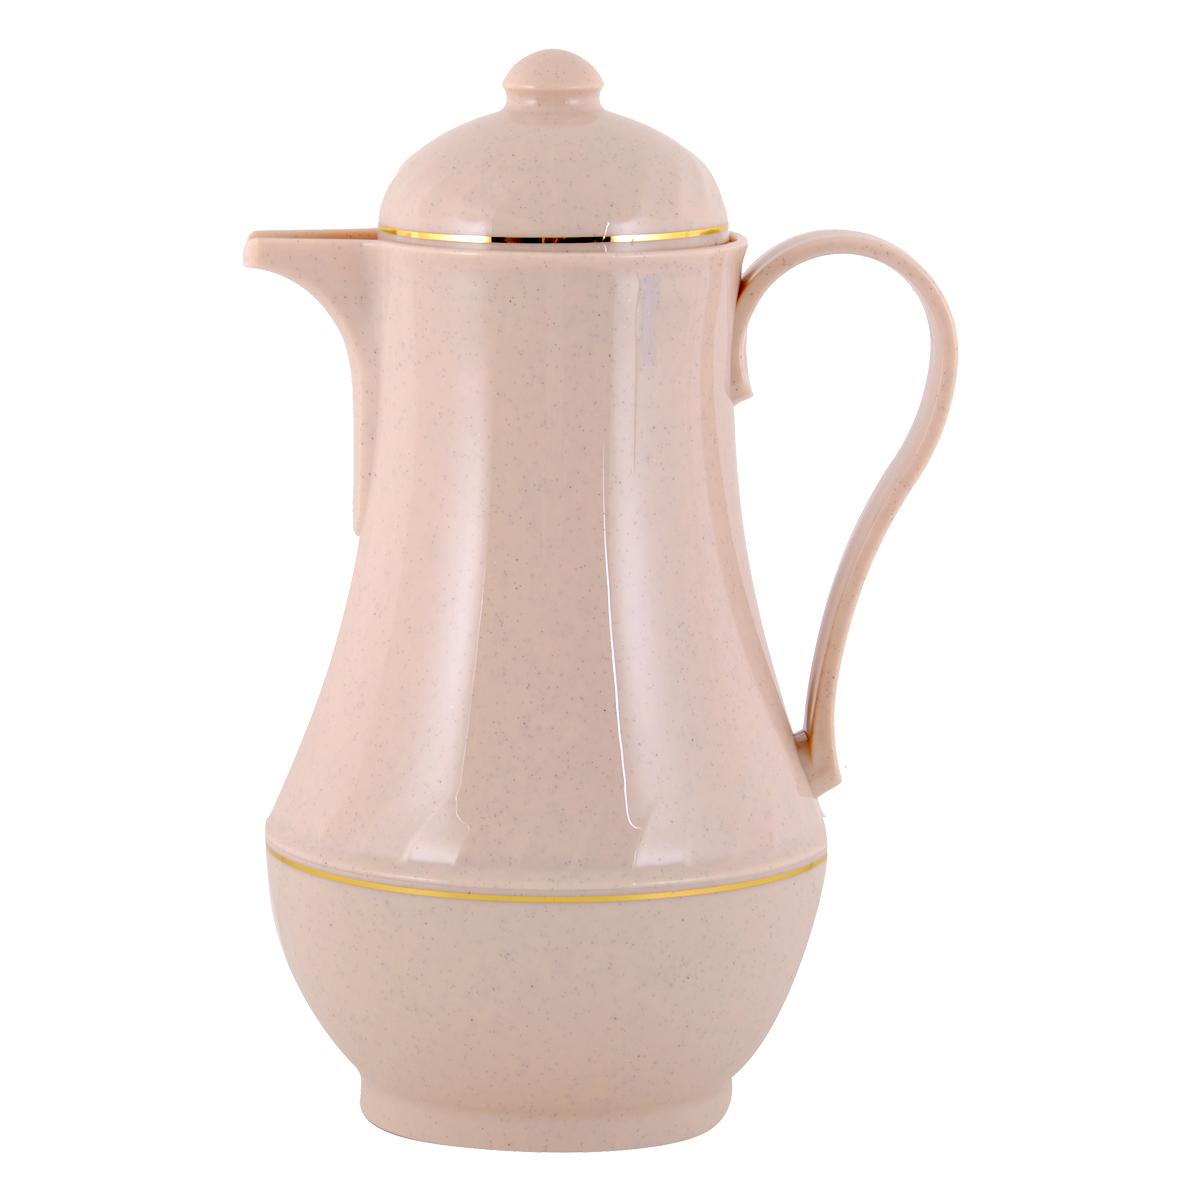 مور تايم , ترمس شاي وقهوة بلاستيك, 0.5  لتر,لون بيج ,YM-16126